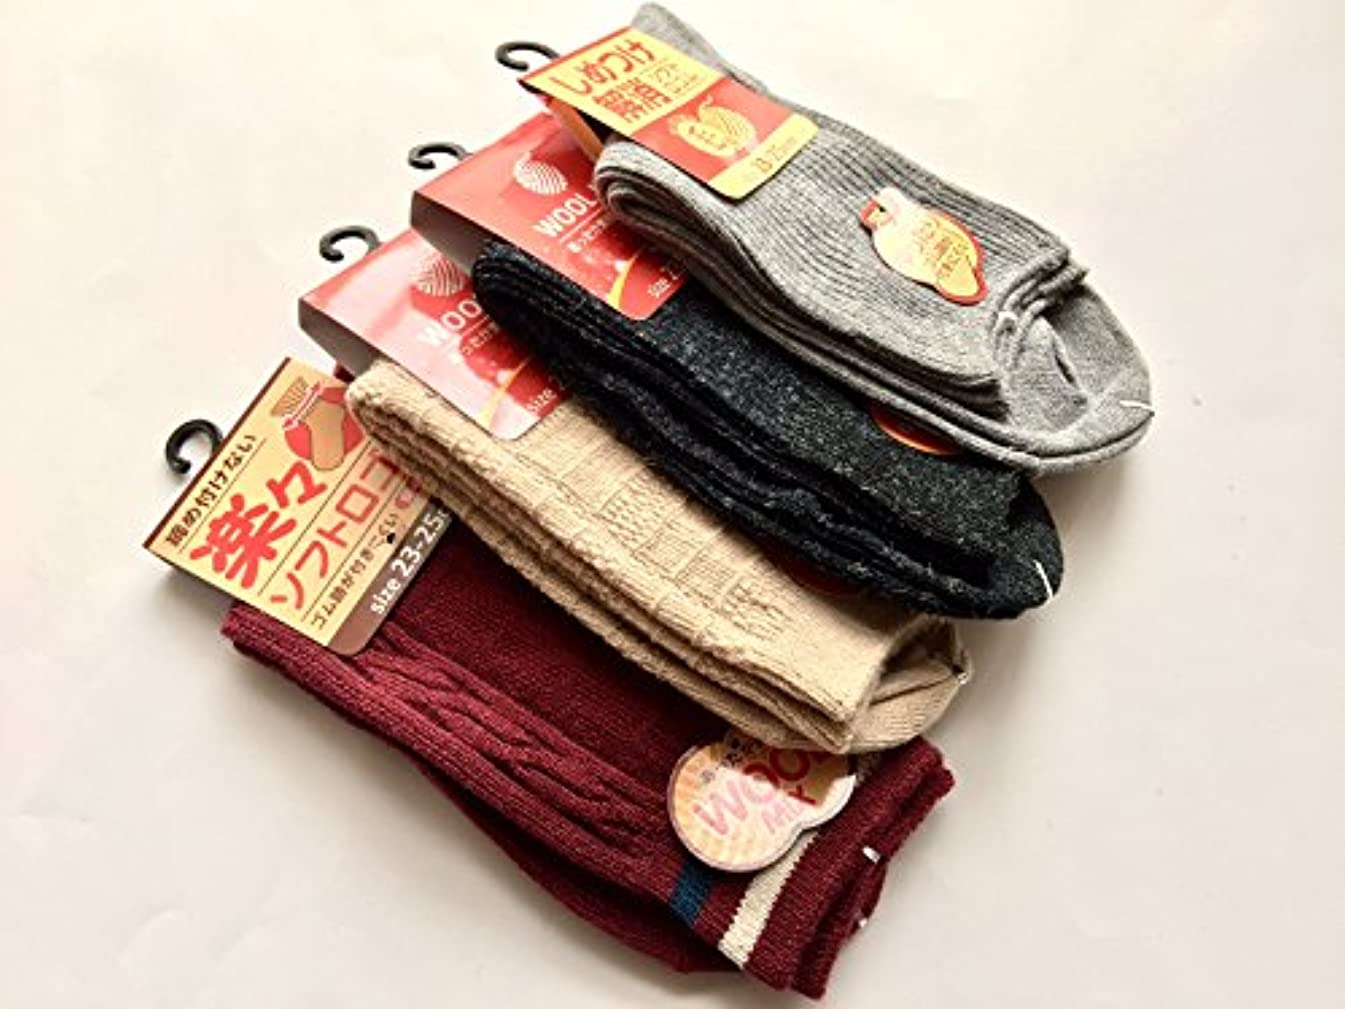 またはどちらかスーツ木製靴下 レディース あったか 毛混 口ゴムゆったり 23-25cm お買得4足組(柄はお任せ)